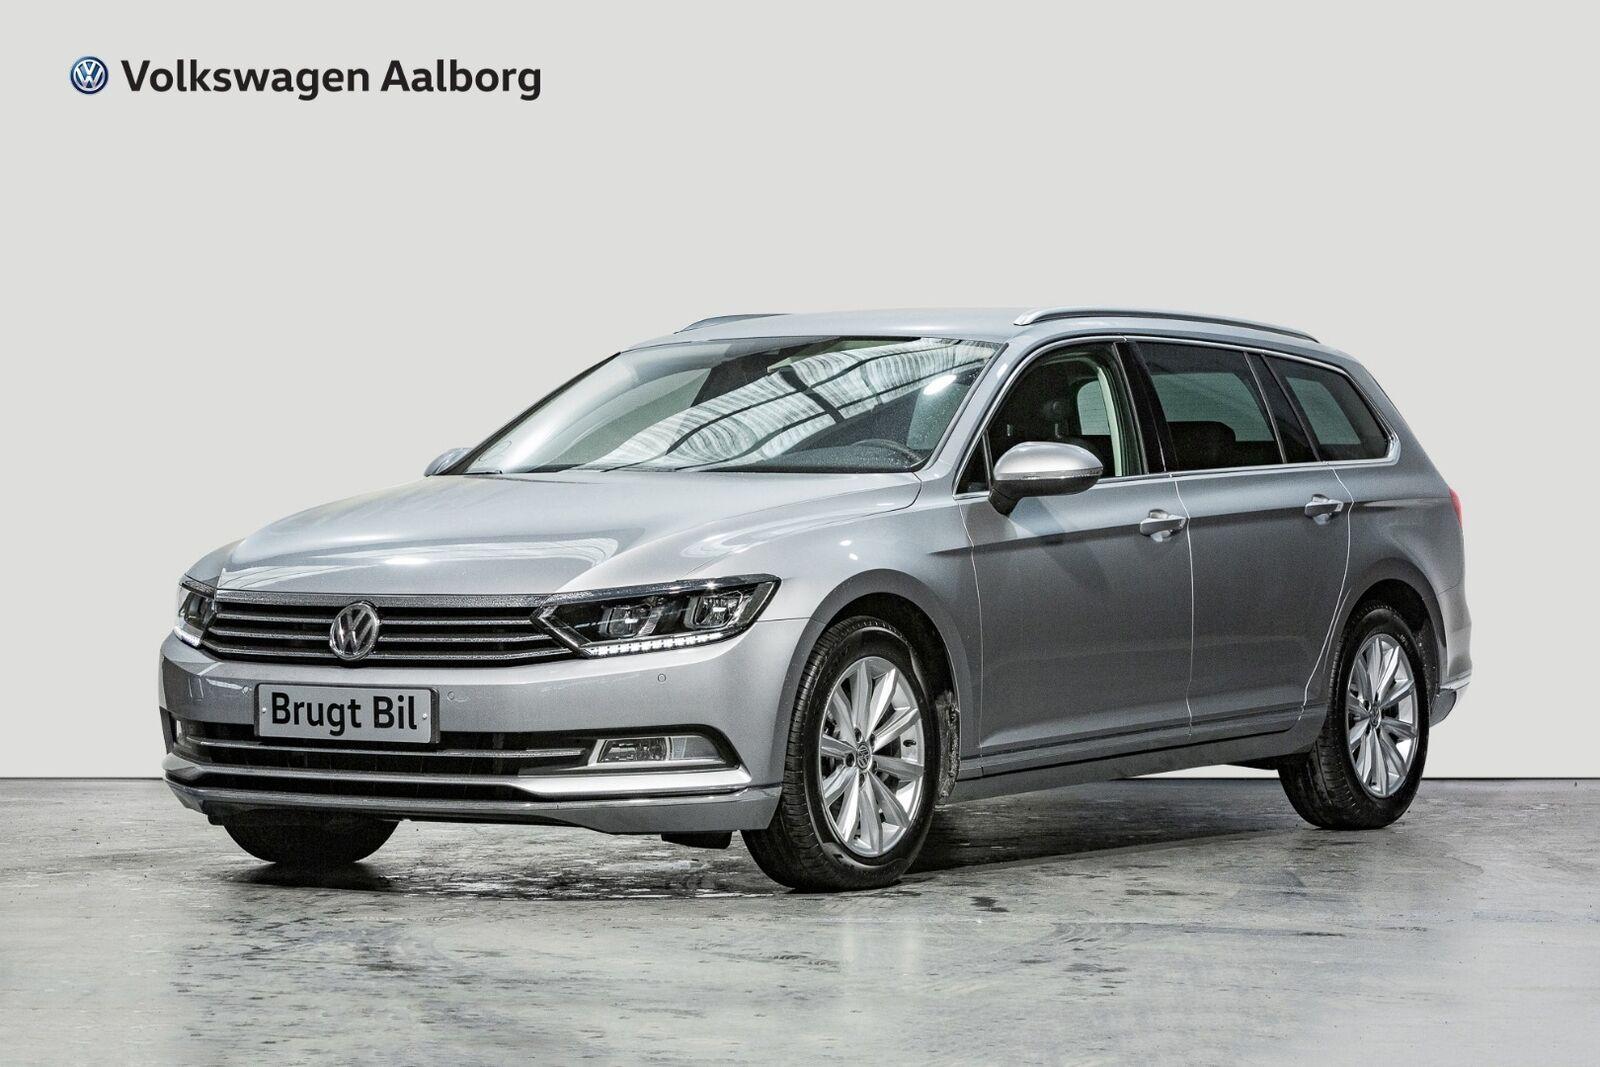 VW Passat 2,0 TDi 150 Highl. Prem. Vari. DSG 5d - 399.000 kr.